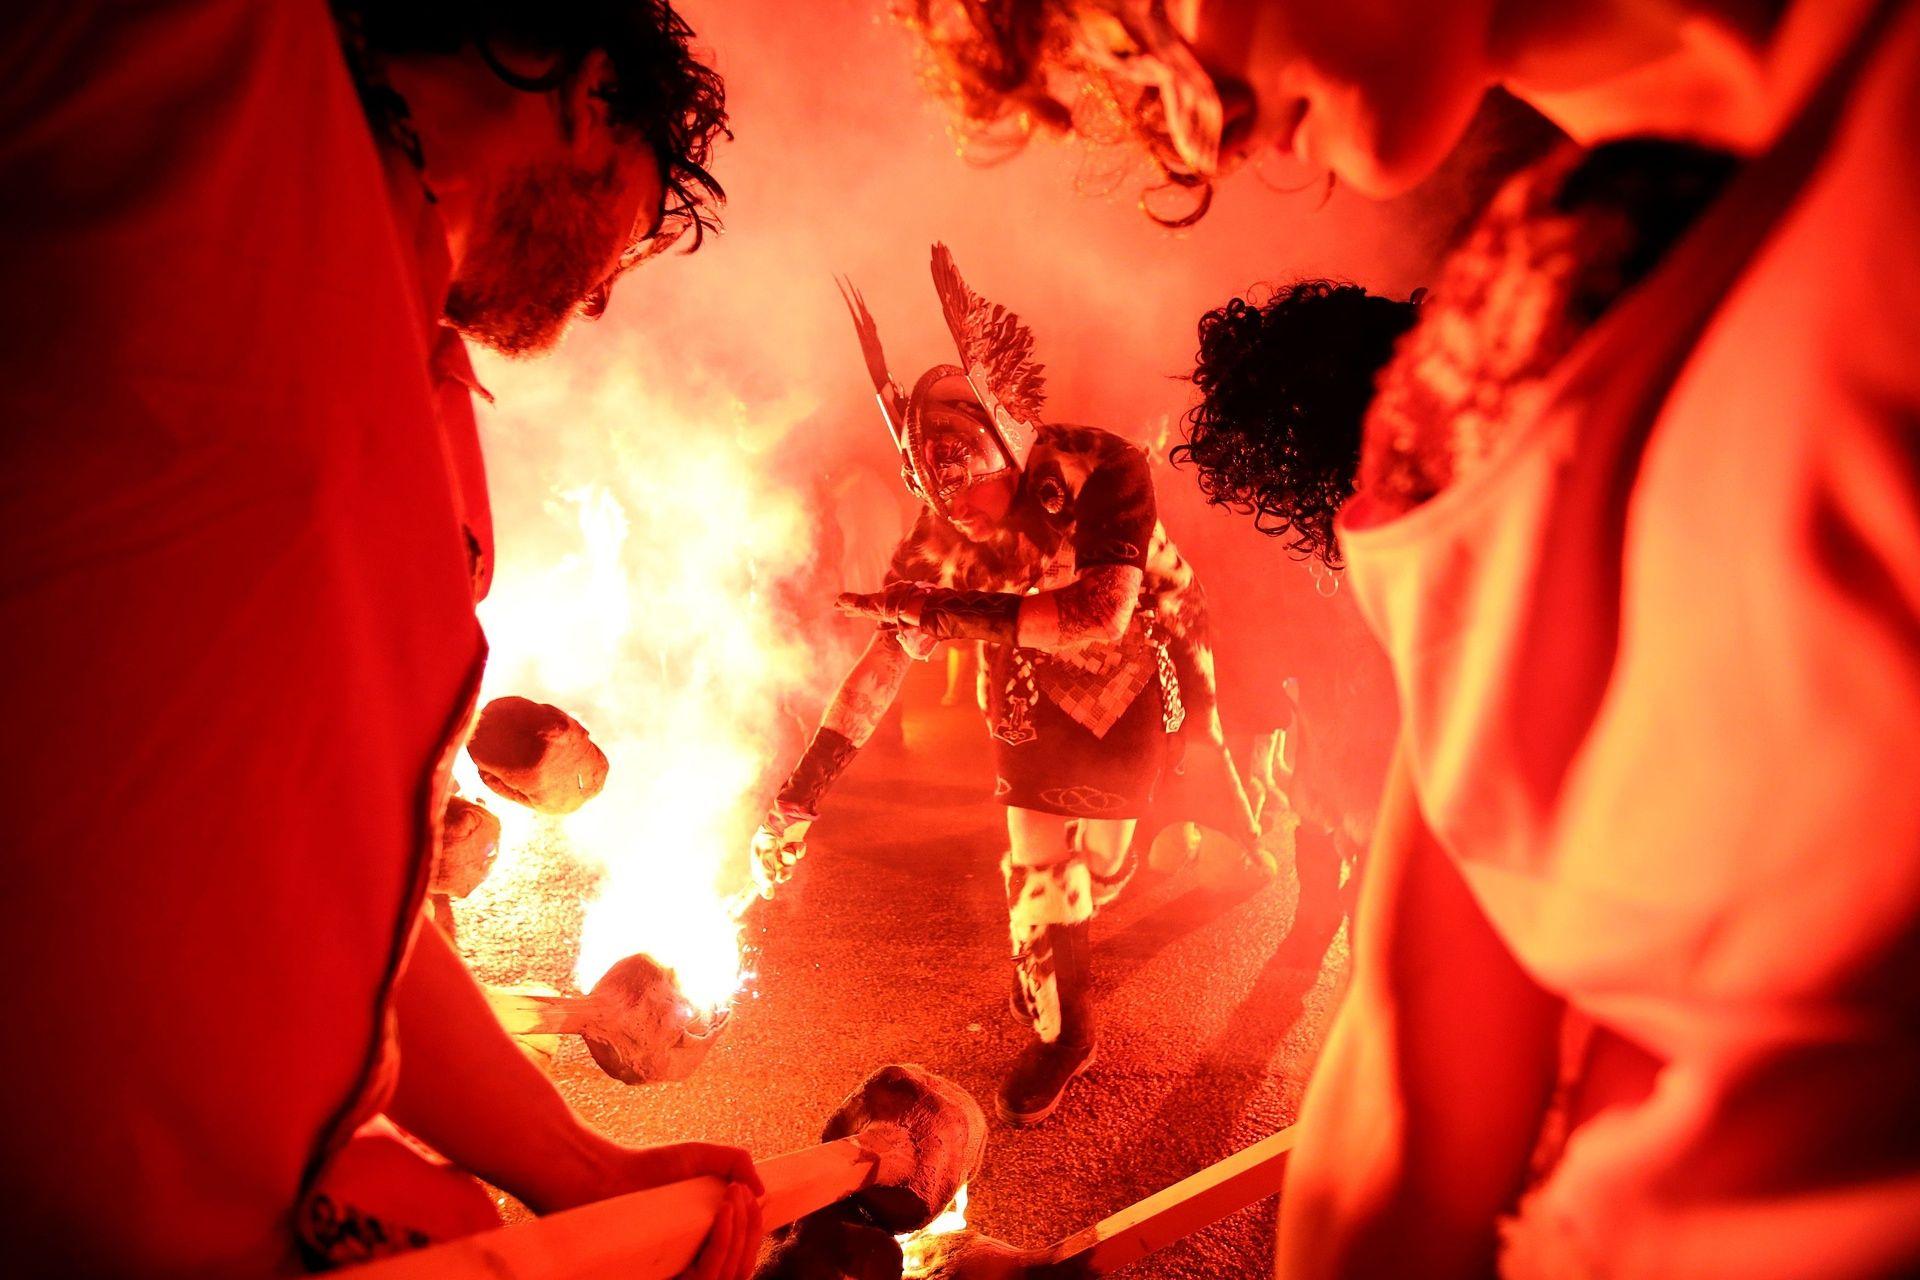 Участники зажигают факелы. Позже они будут бросать их в драккар, чтобы поджечь баркас.